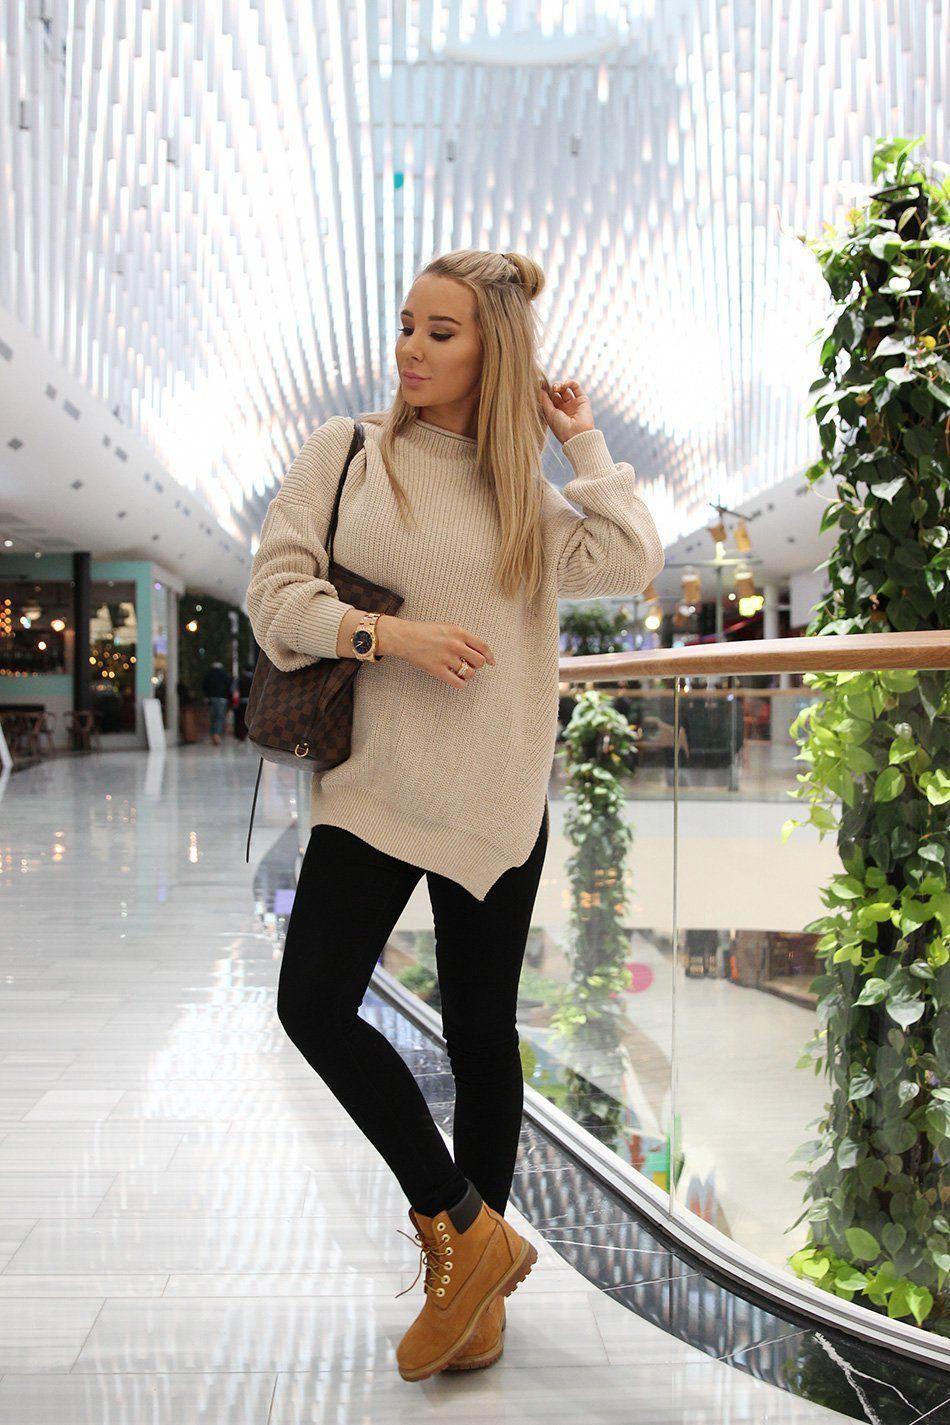 Timberland outfits women, Timberland